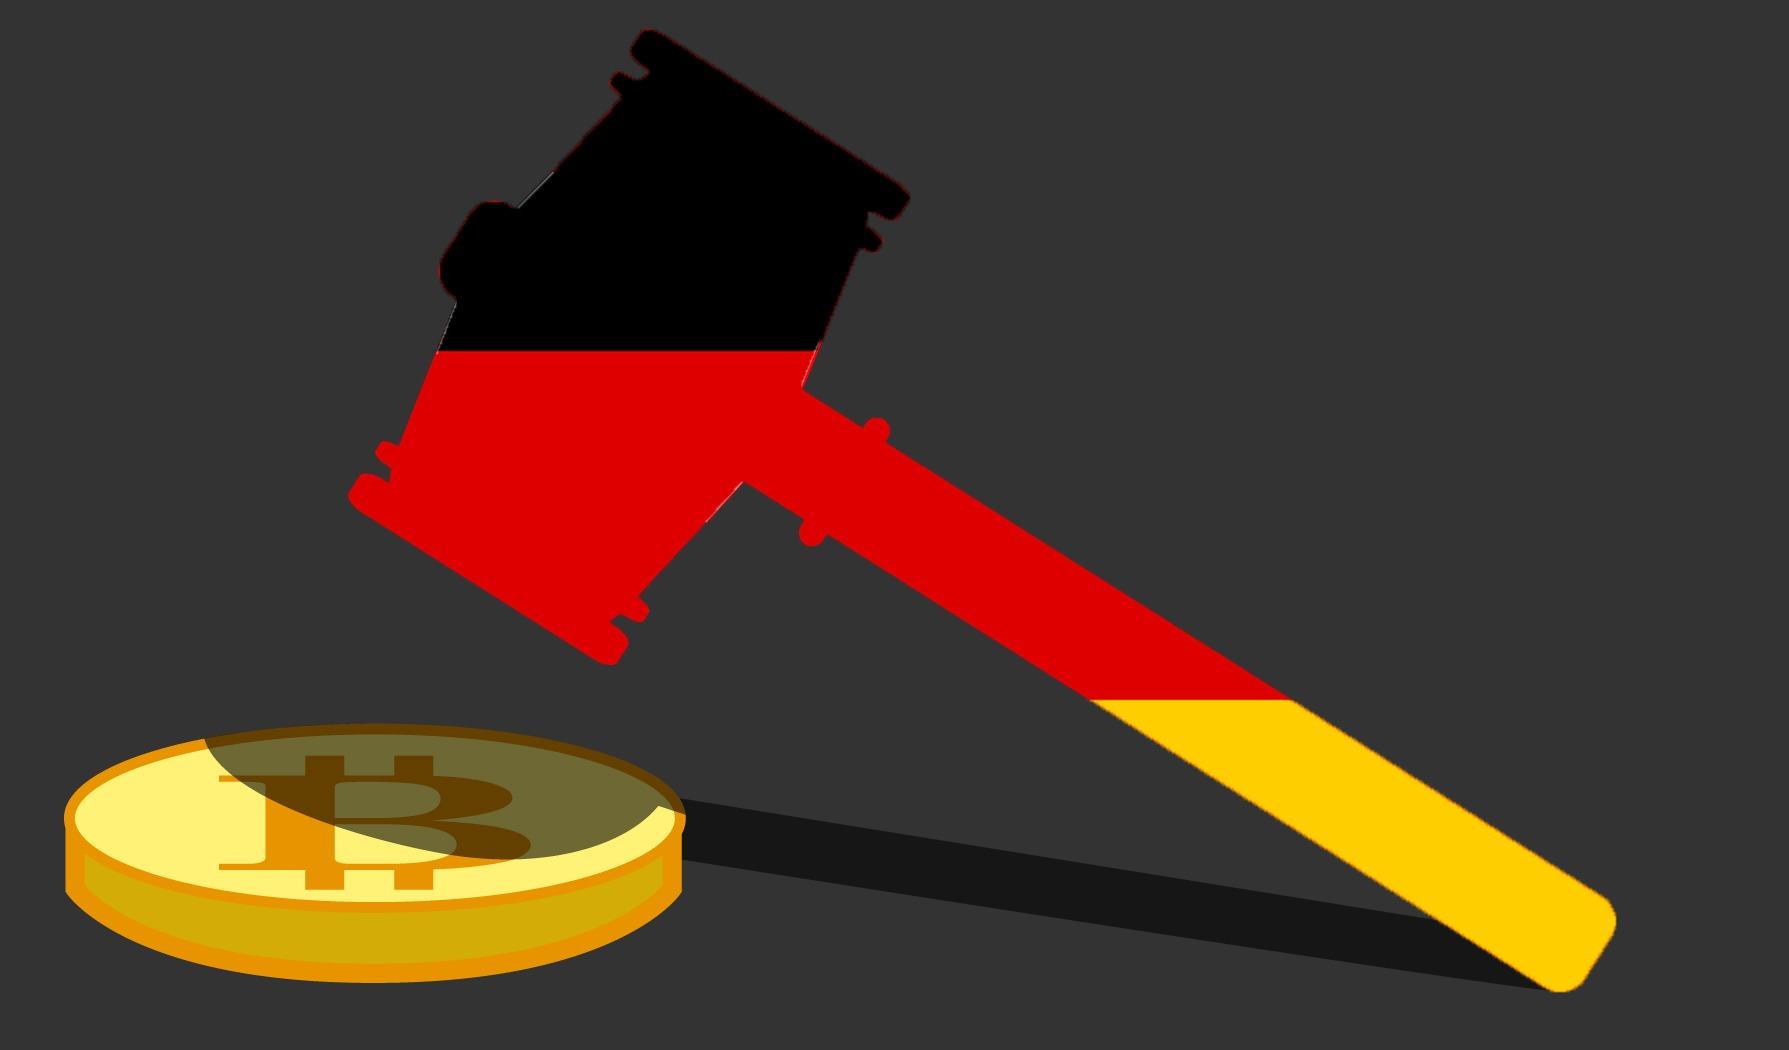 regulate ICOs